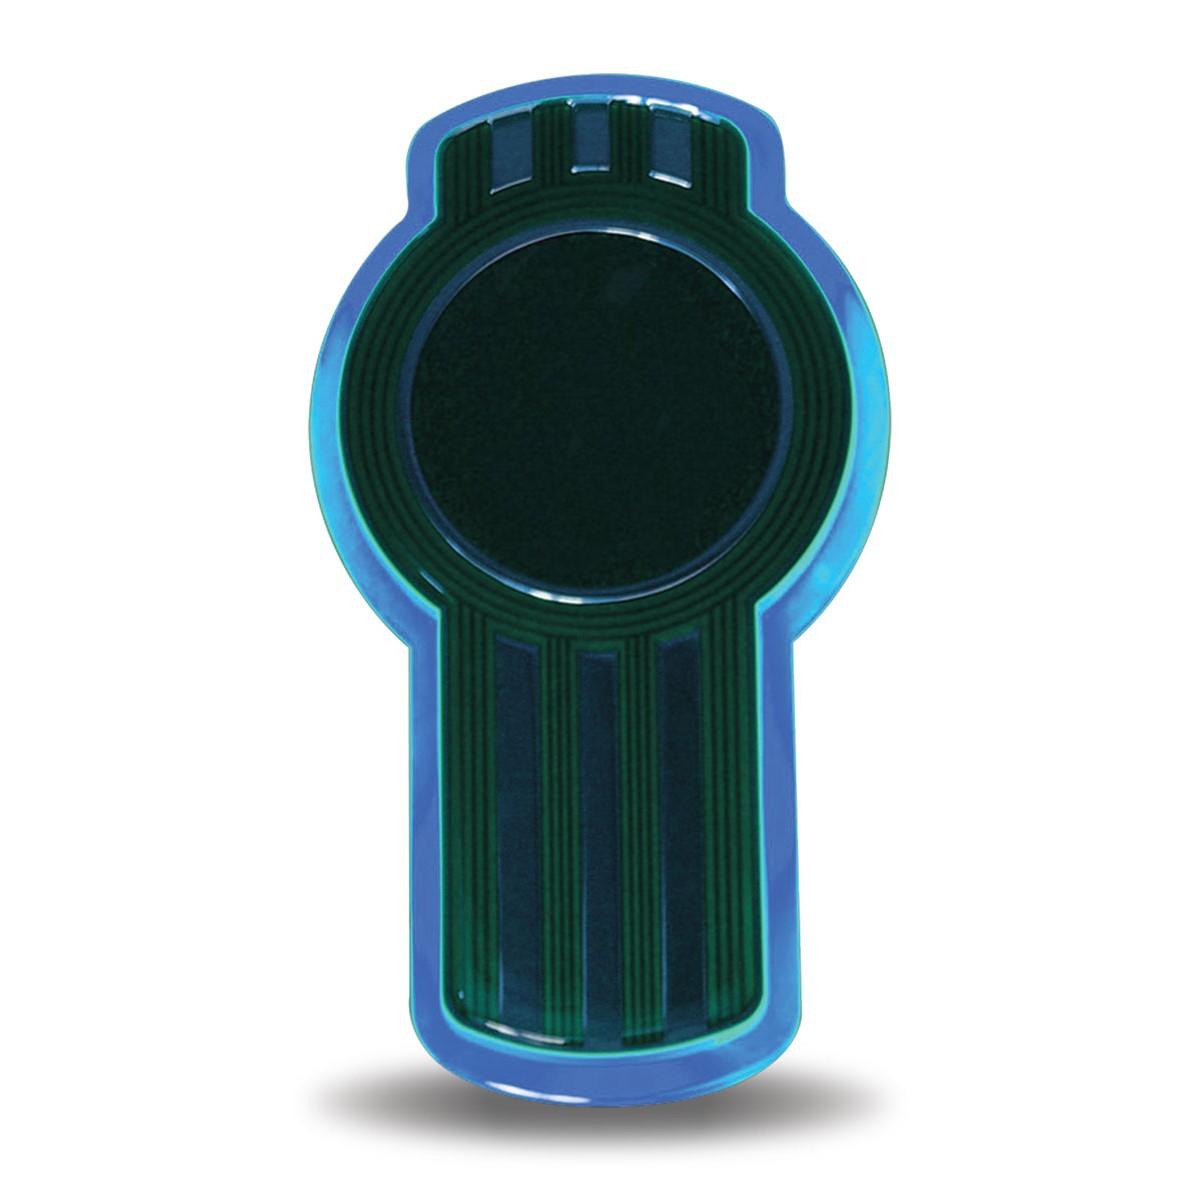 Kenworth hood emblem Blue LED Keyhole light, New Design, Brighter Light